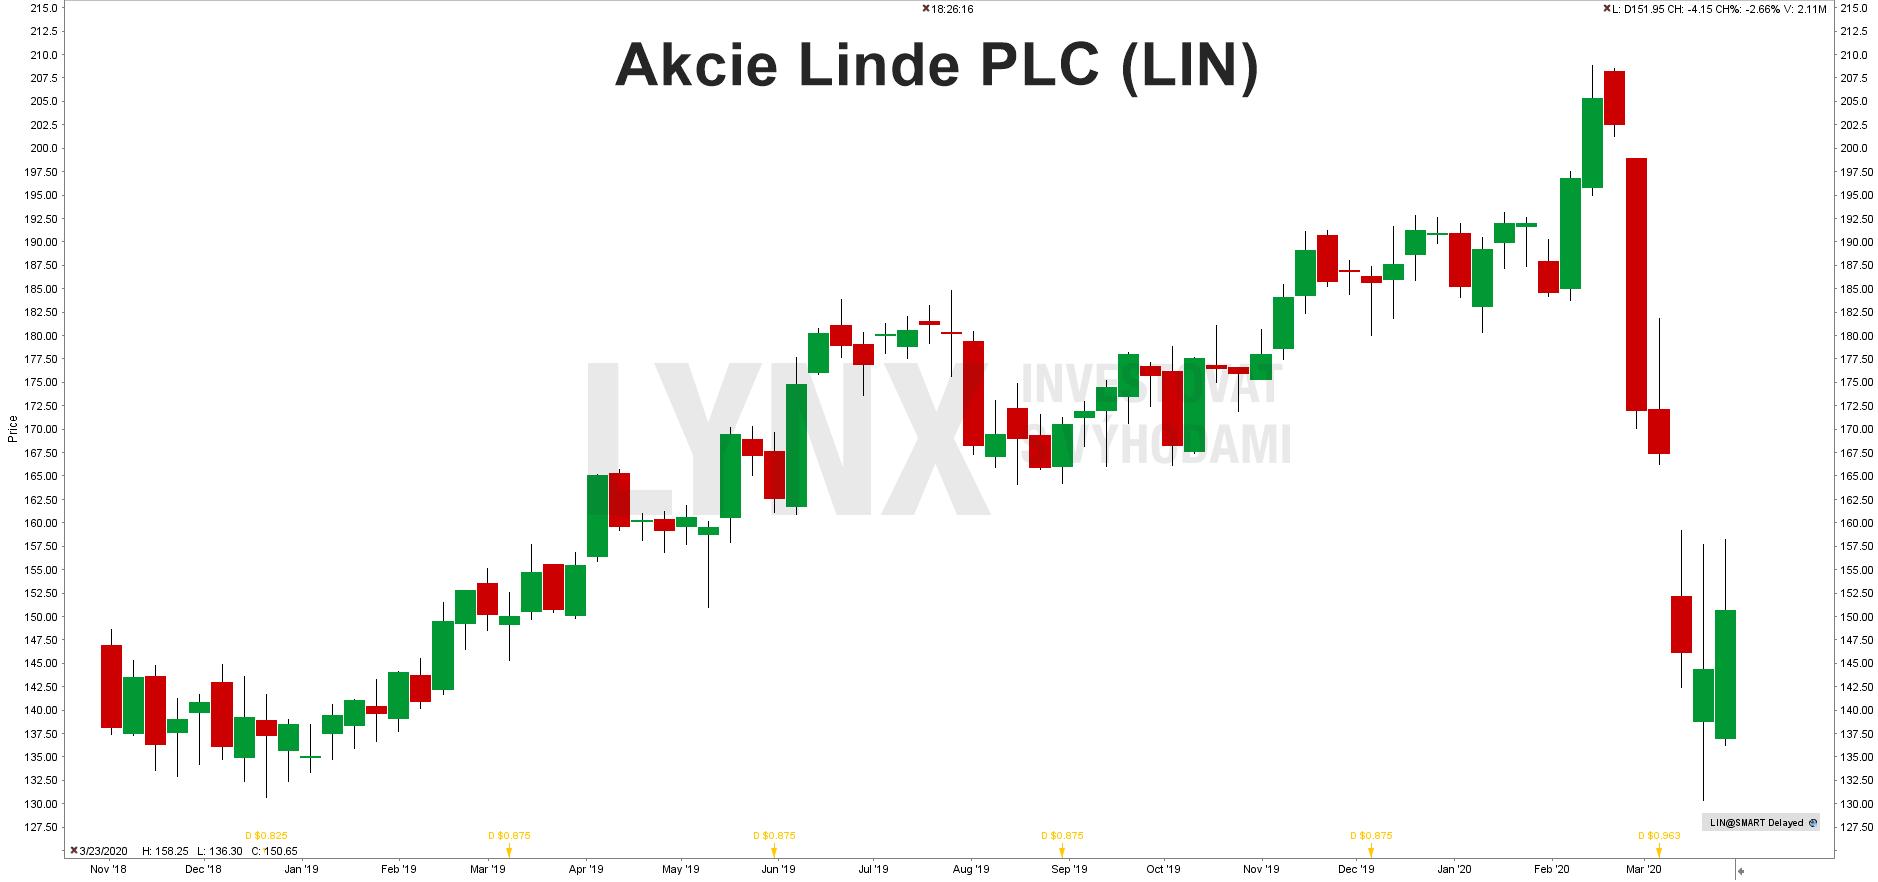 Akcie Linde PLC (LIN)